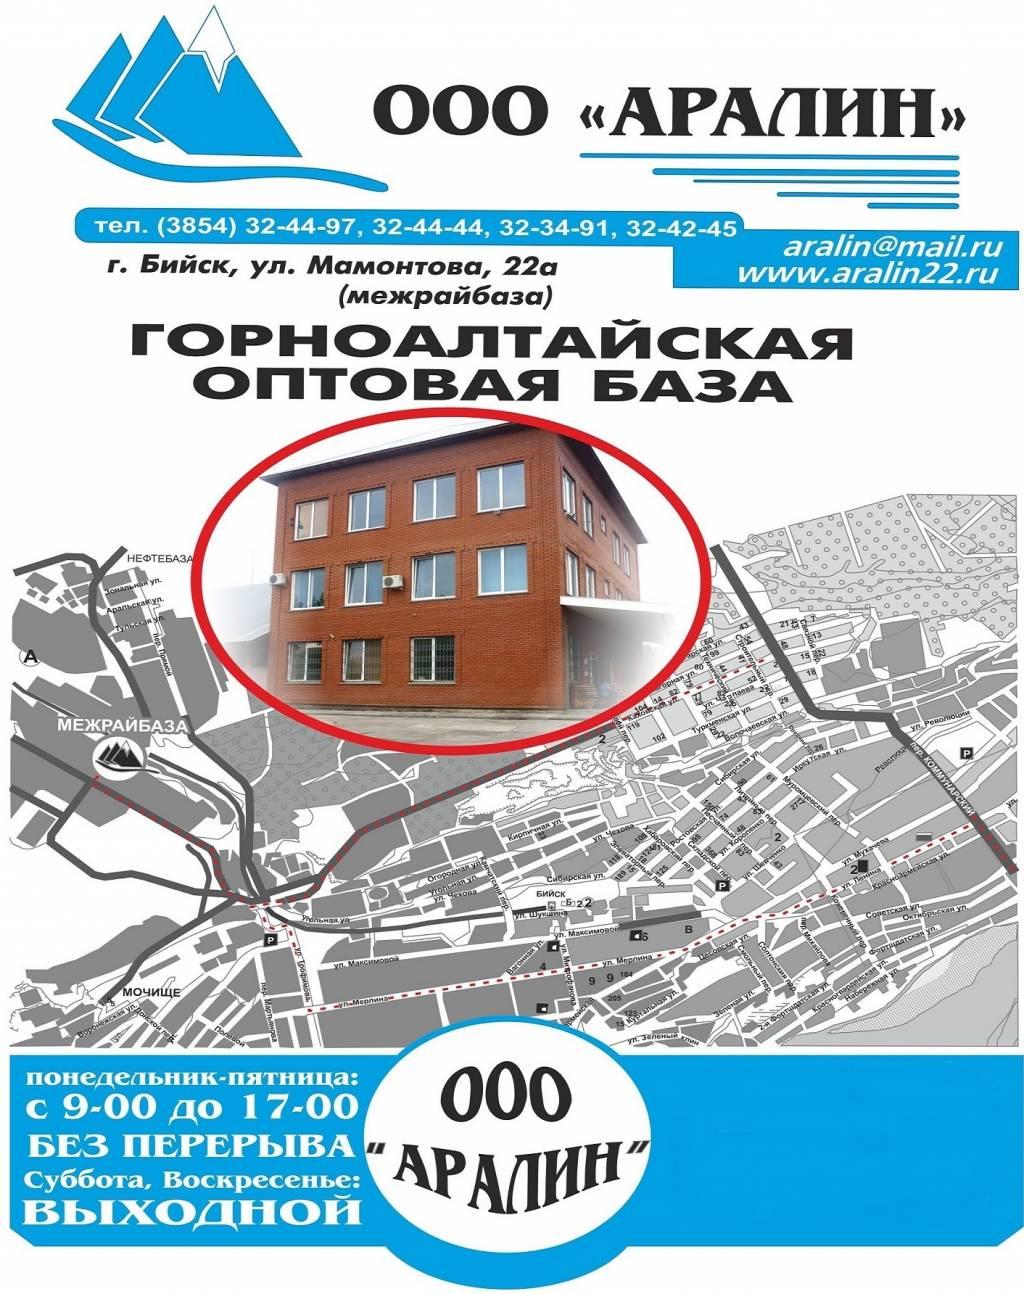 http://www.aralin22.ru/uploads/image/fb1112b09dad4e587f5b73edc68db263.jpg